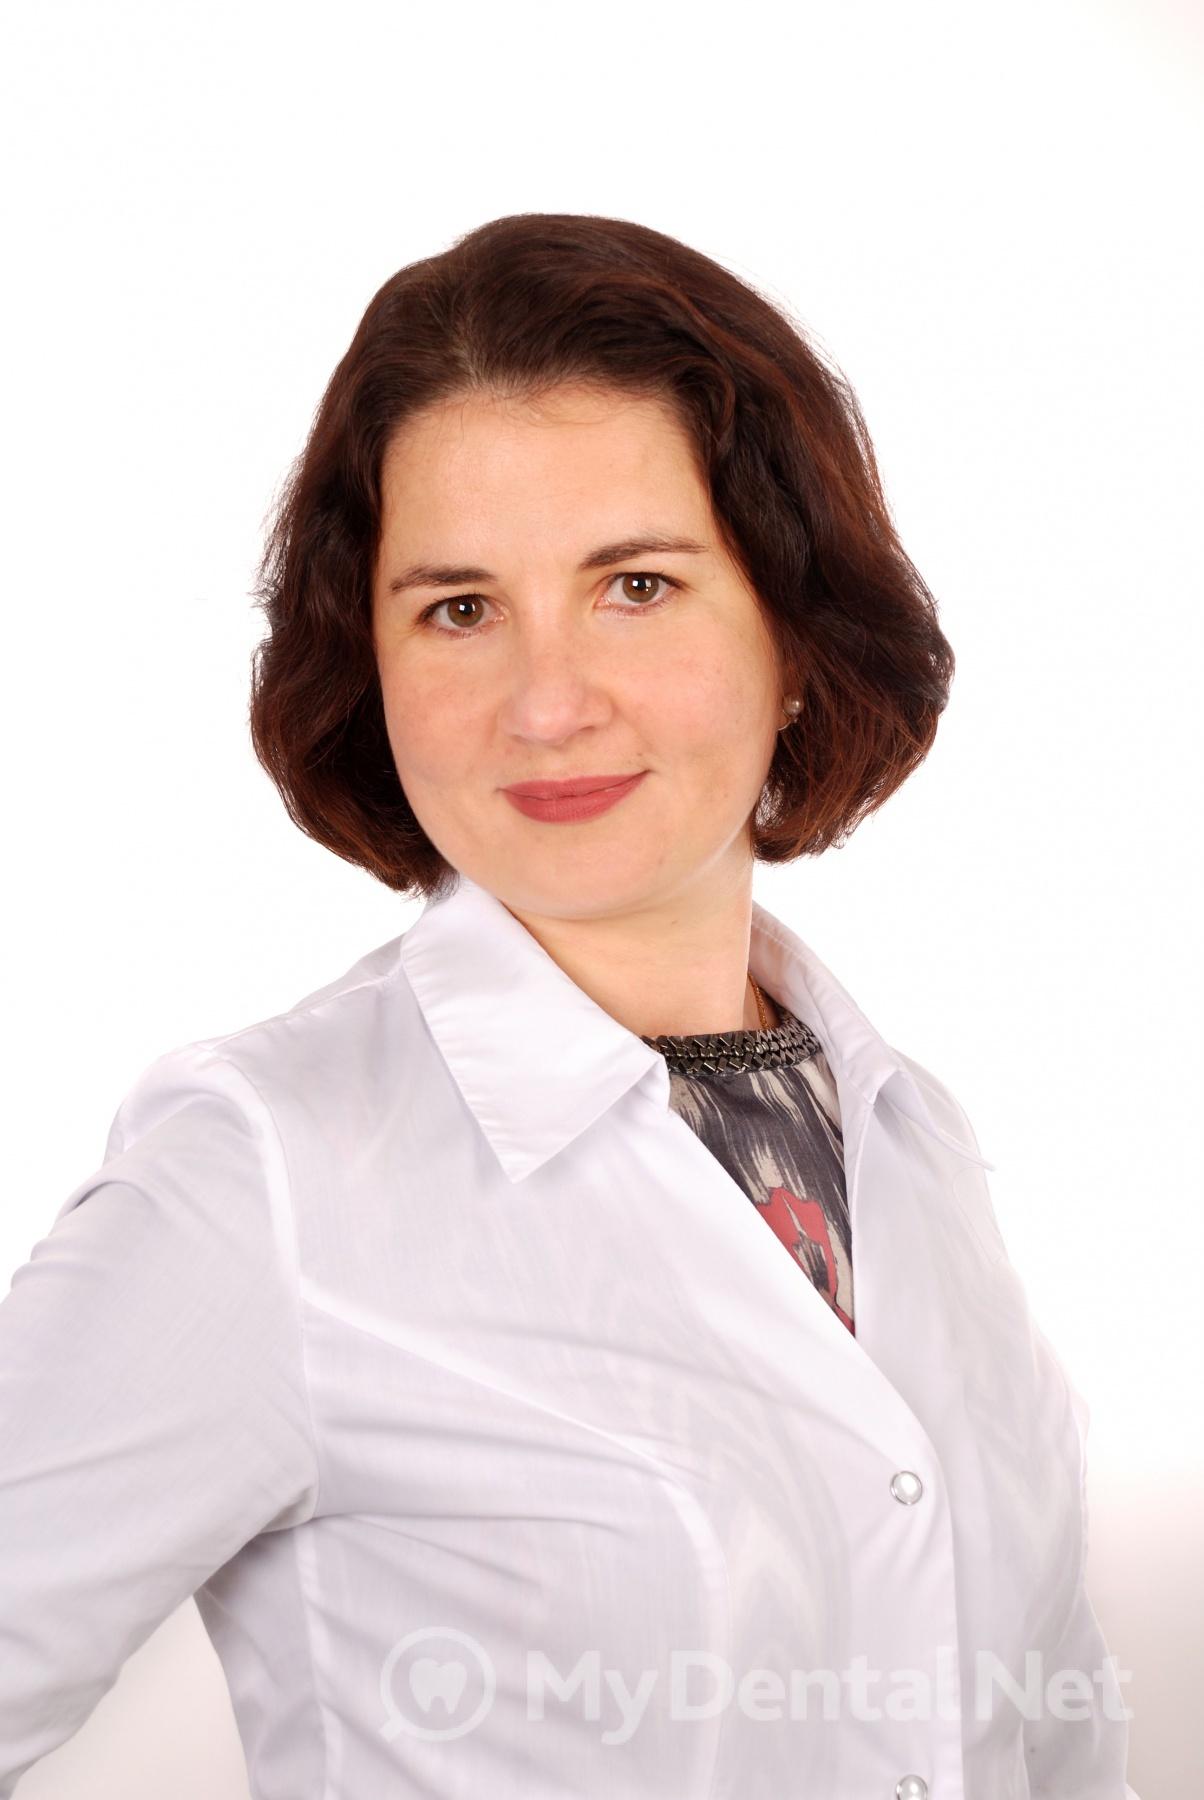 Koltsov Anna S.